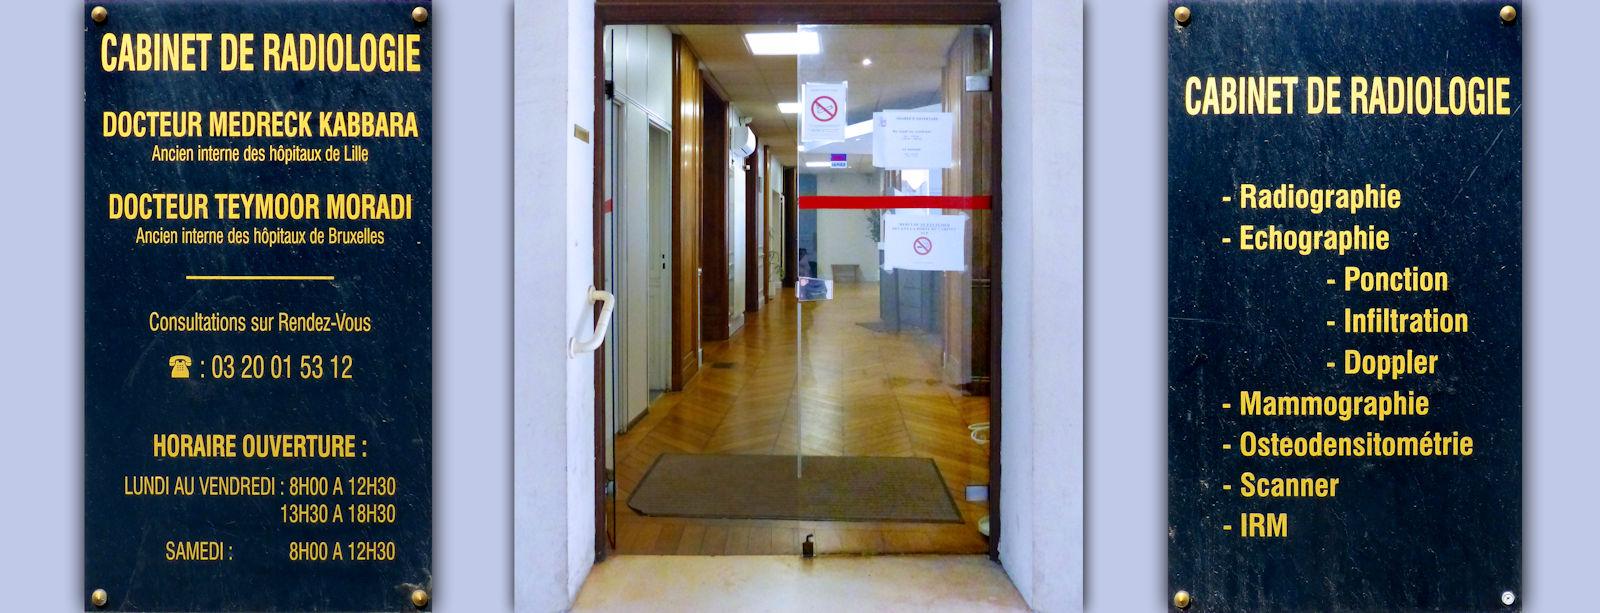 Porte vitrée entrée du cabinet